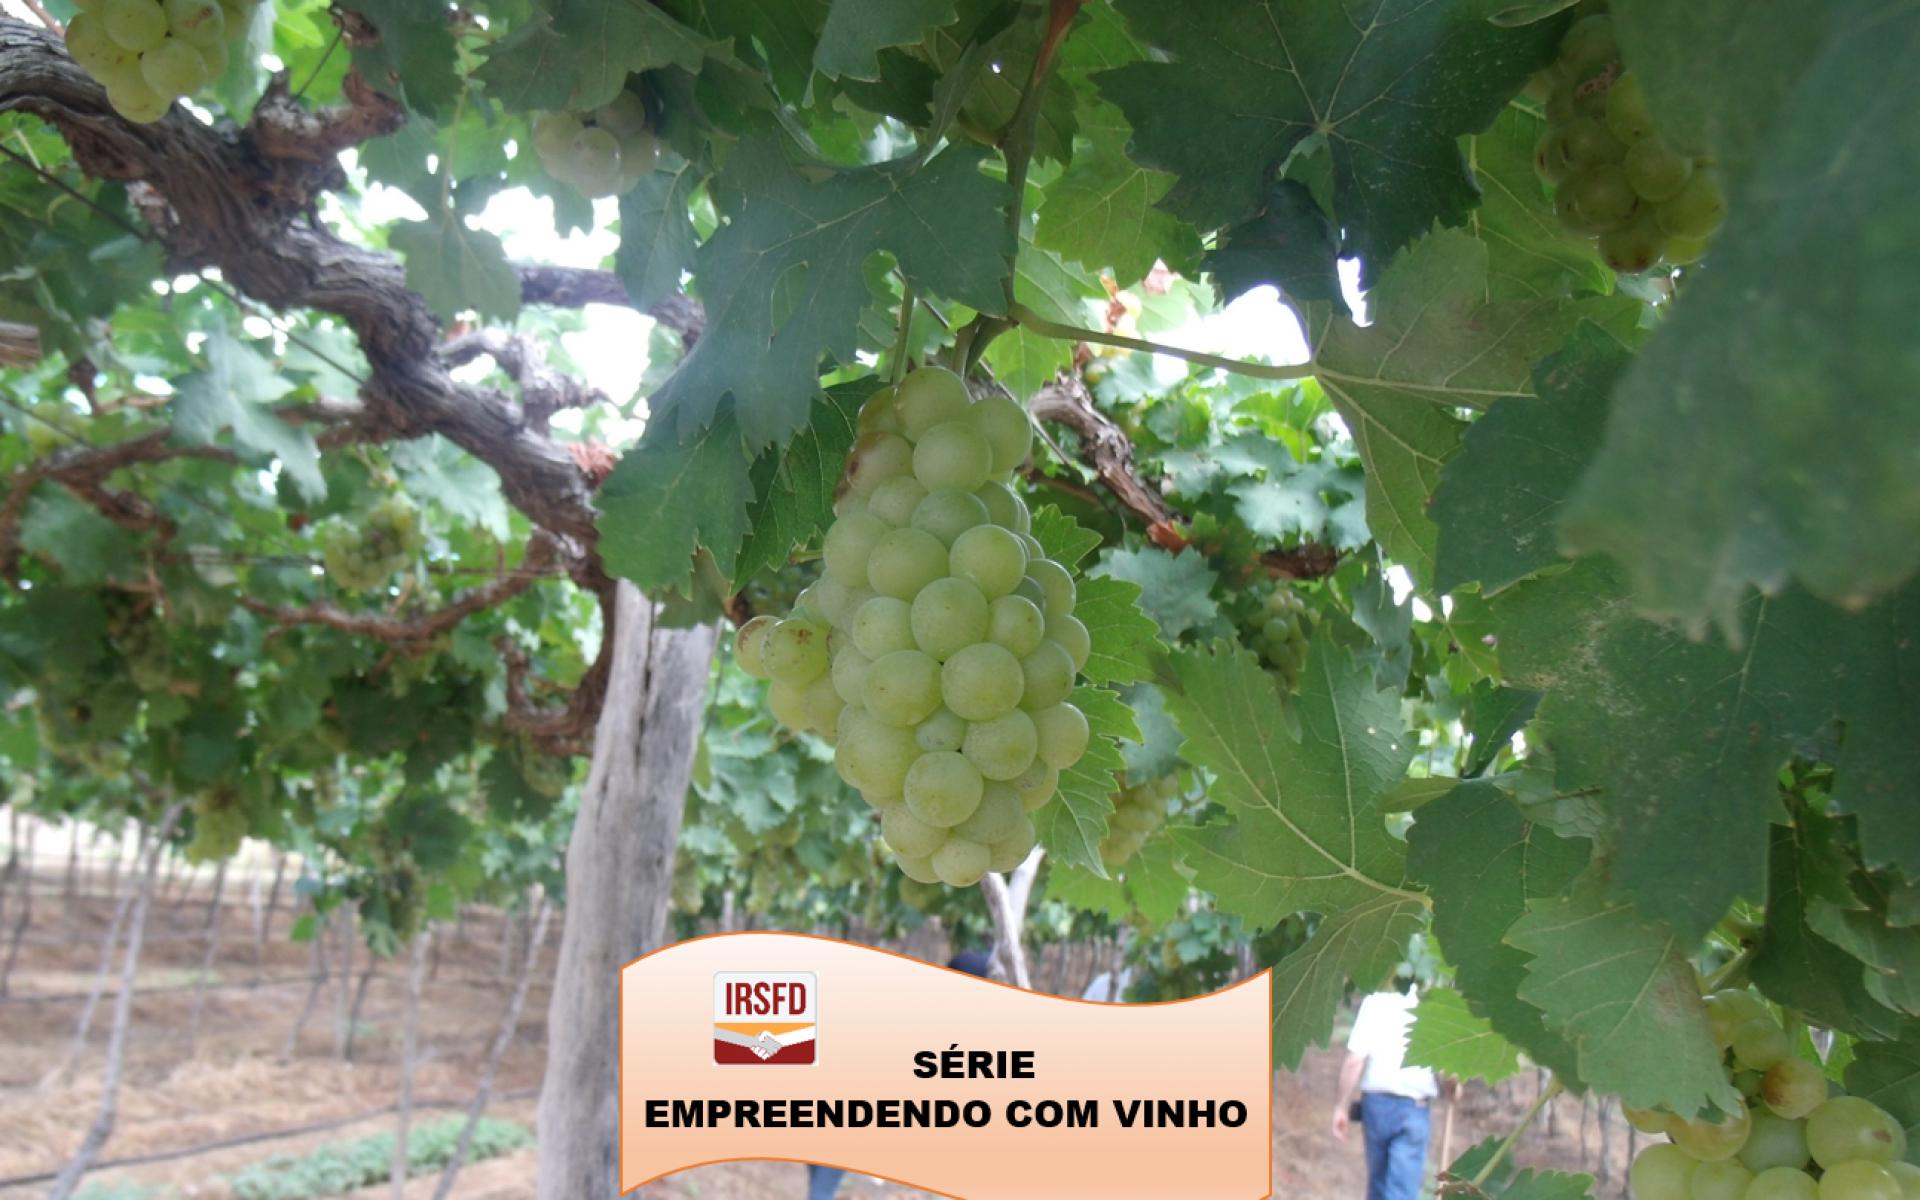 Série IRSFD – Empreendendo com vinho P.02